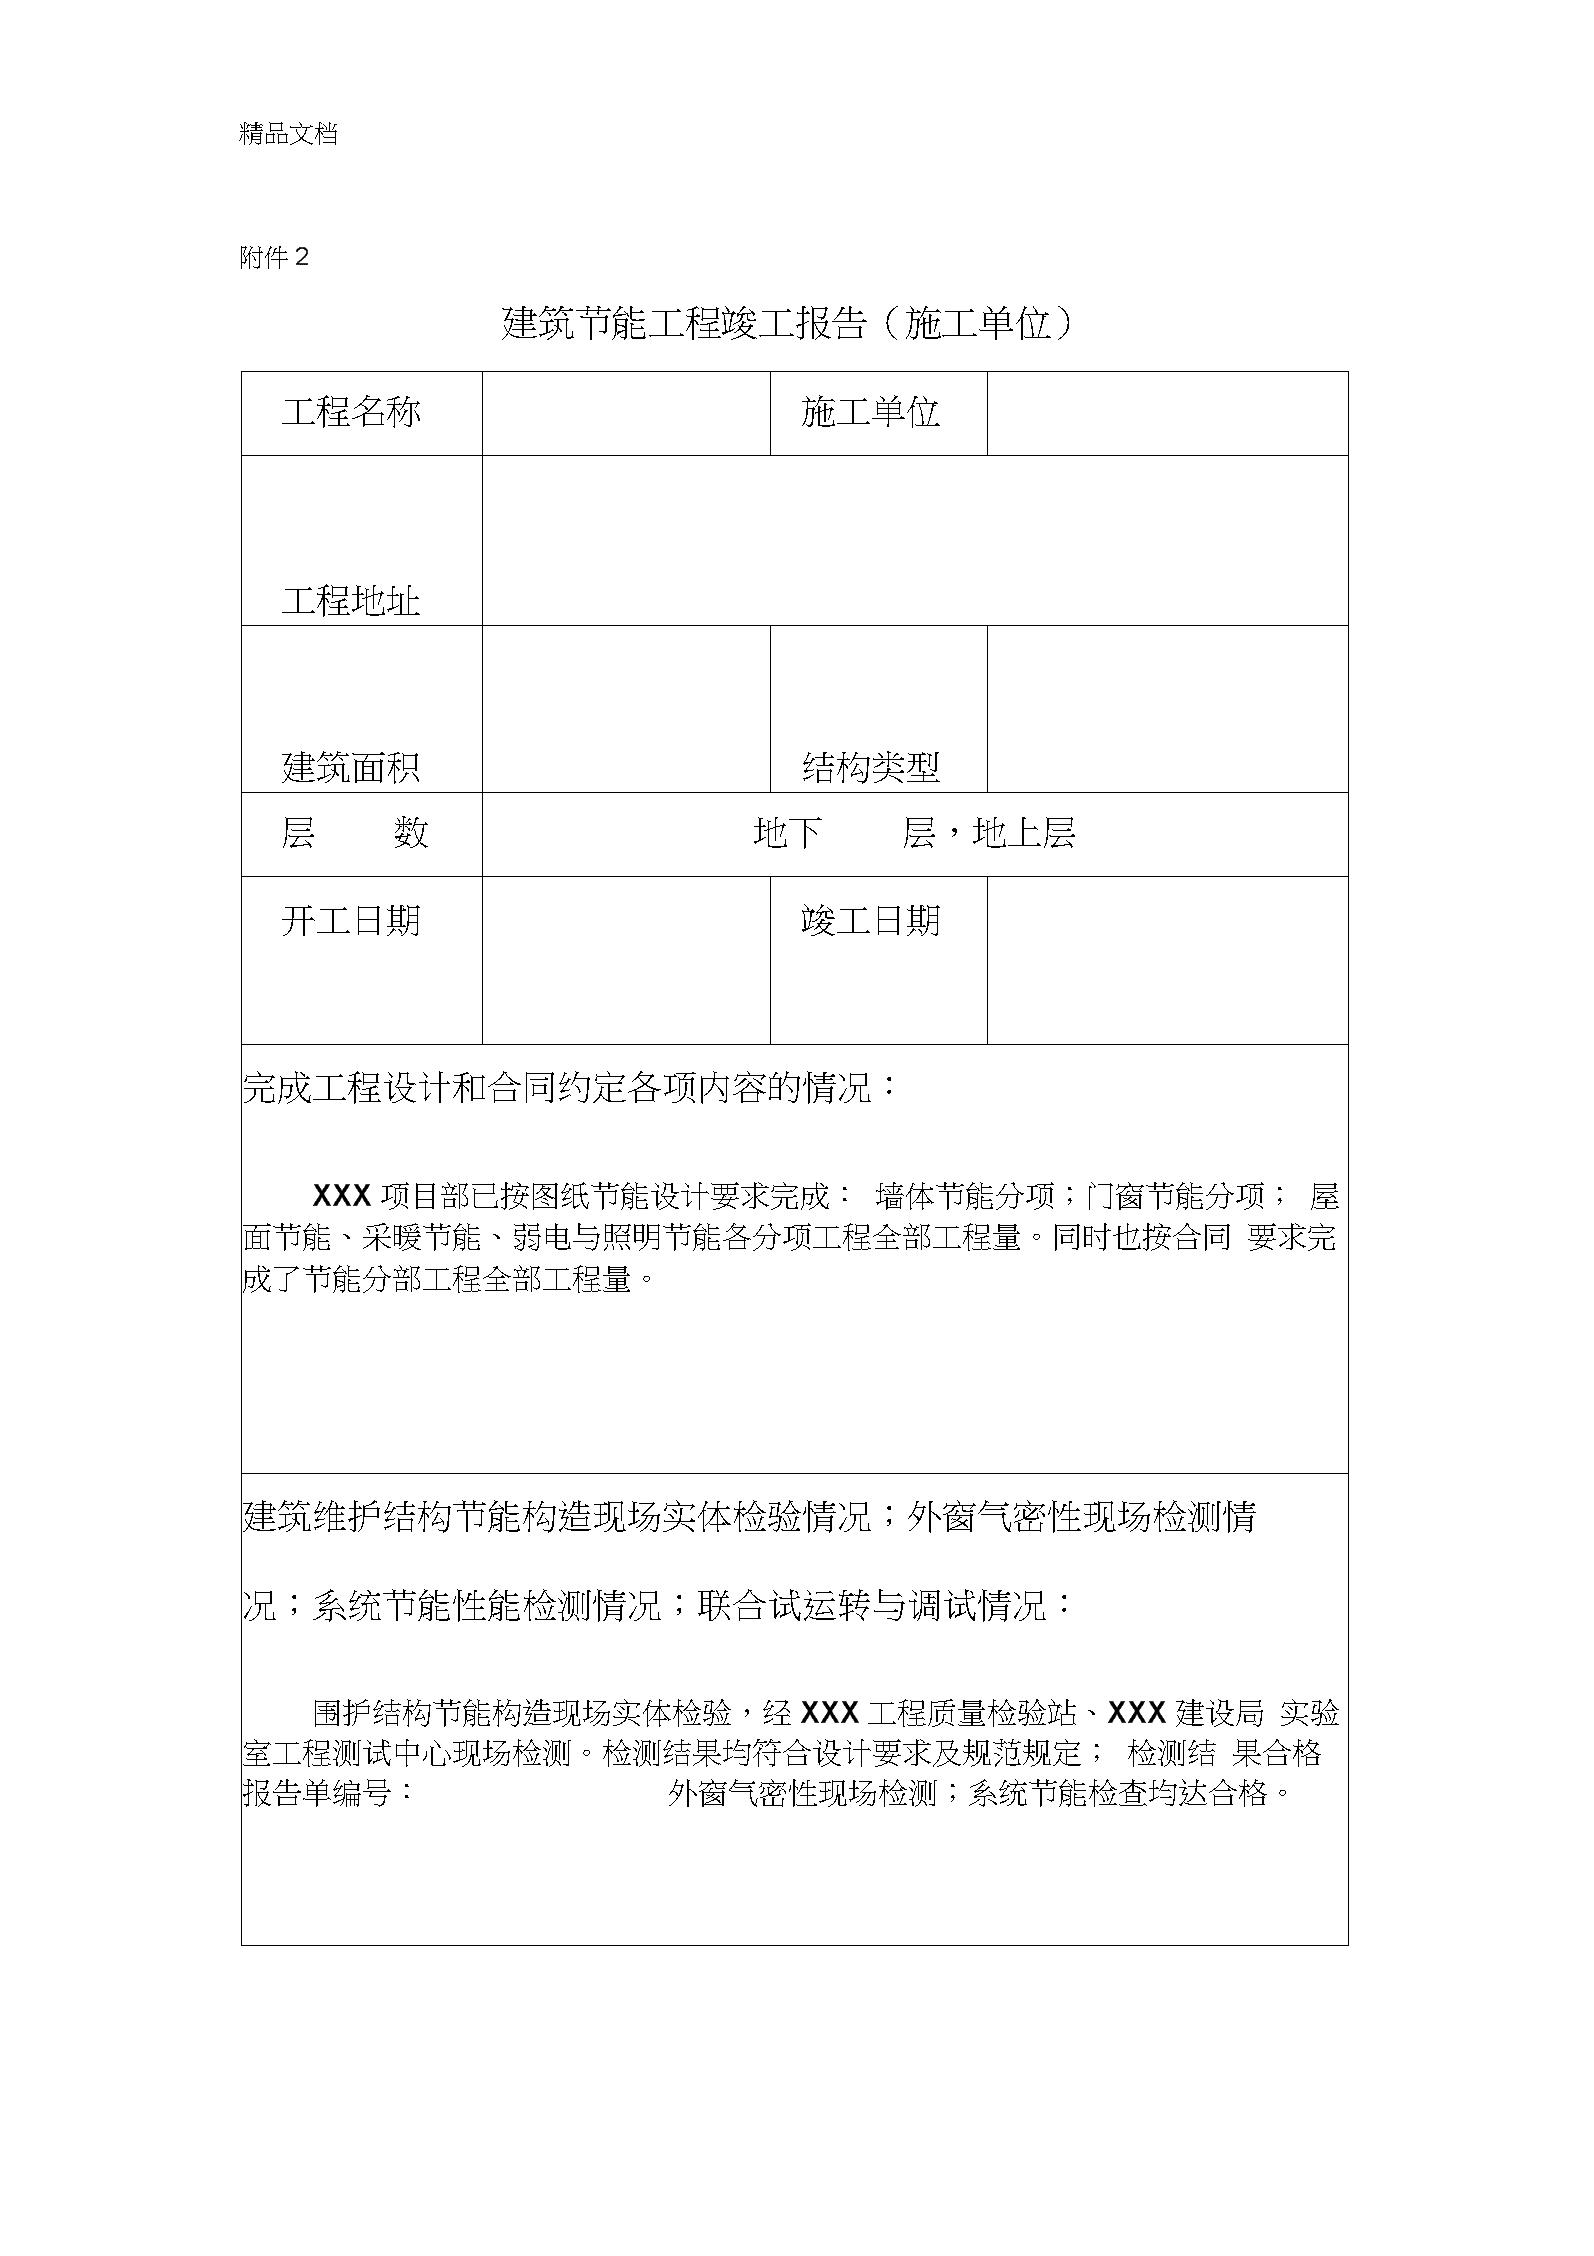 最新建筑节能工程竣工报告(施工单位)资料.docx